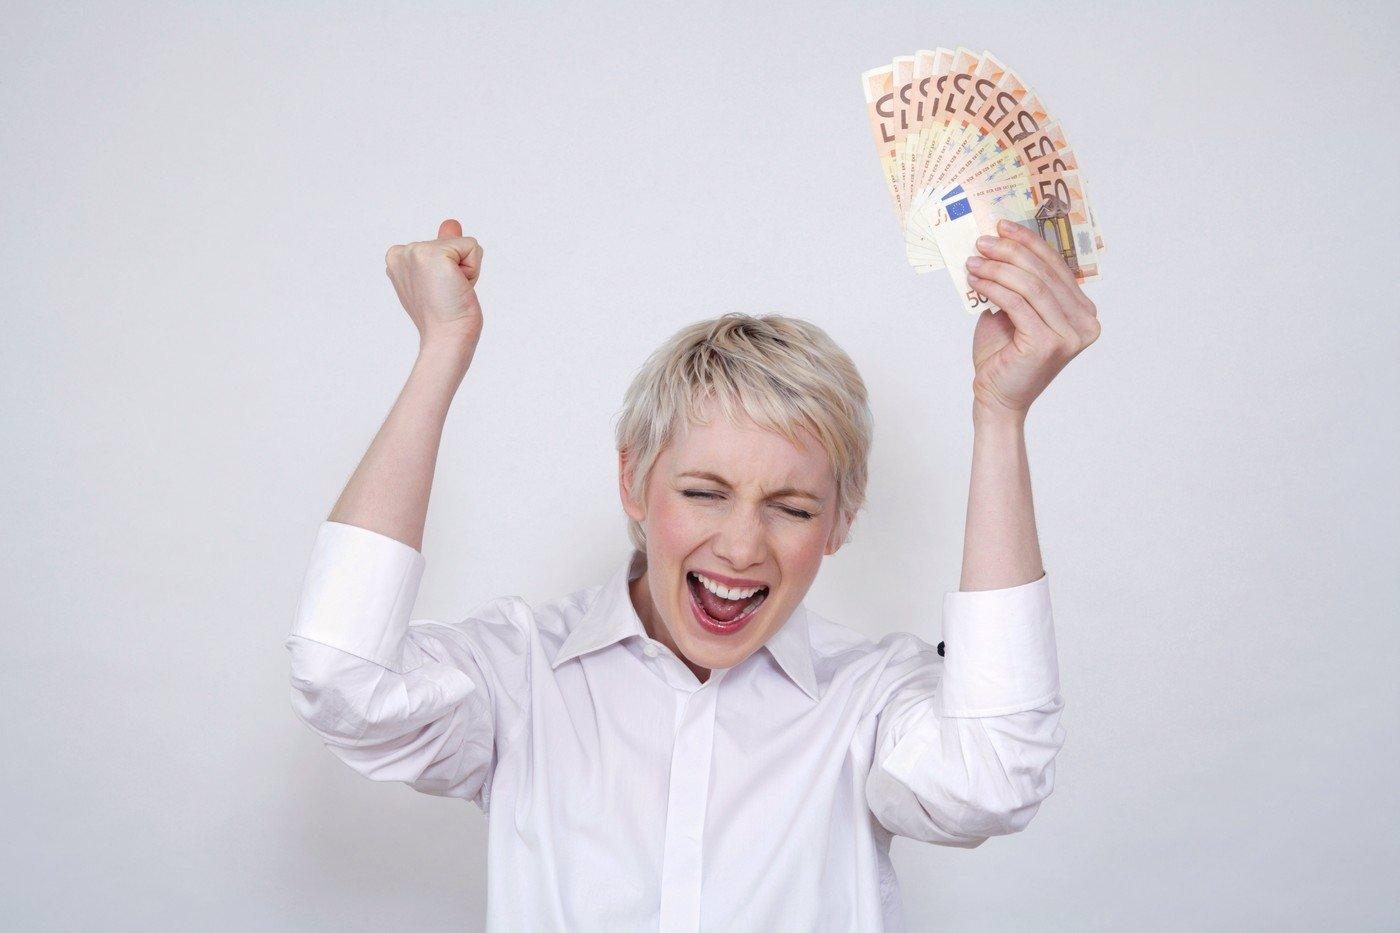 Borec vyhrál 3 mega v loterii a řekl přítelkyni, že je švorc. Její reakce je k nezaplacení!